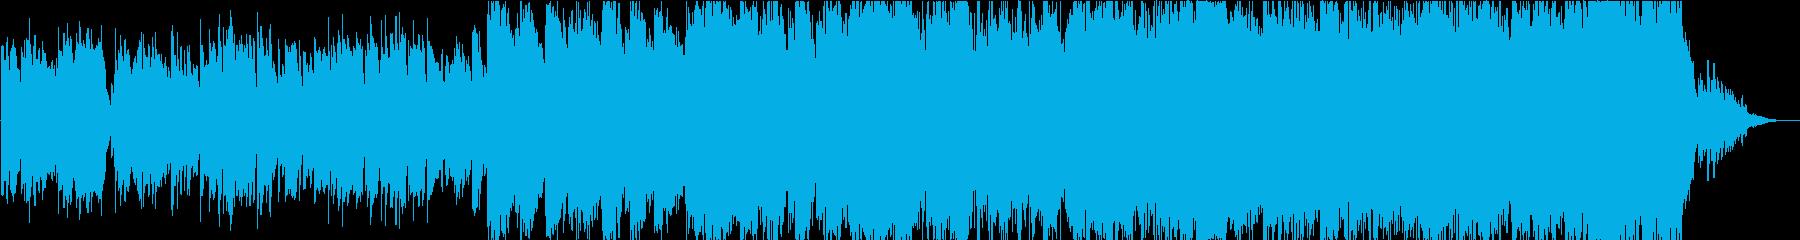 目覚めの朝のケーナの音楽の再生済みの波形